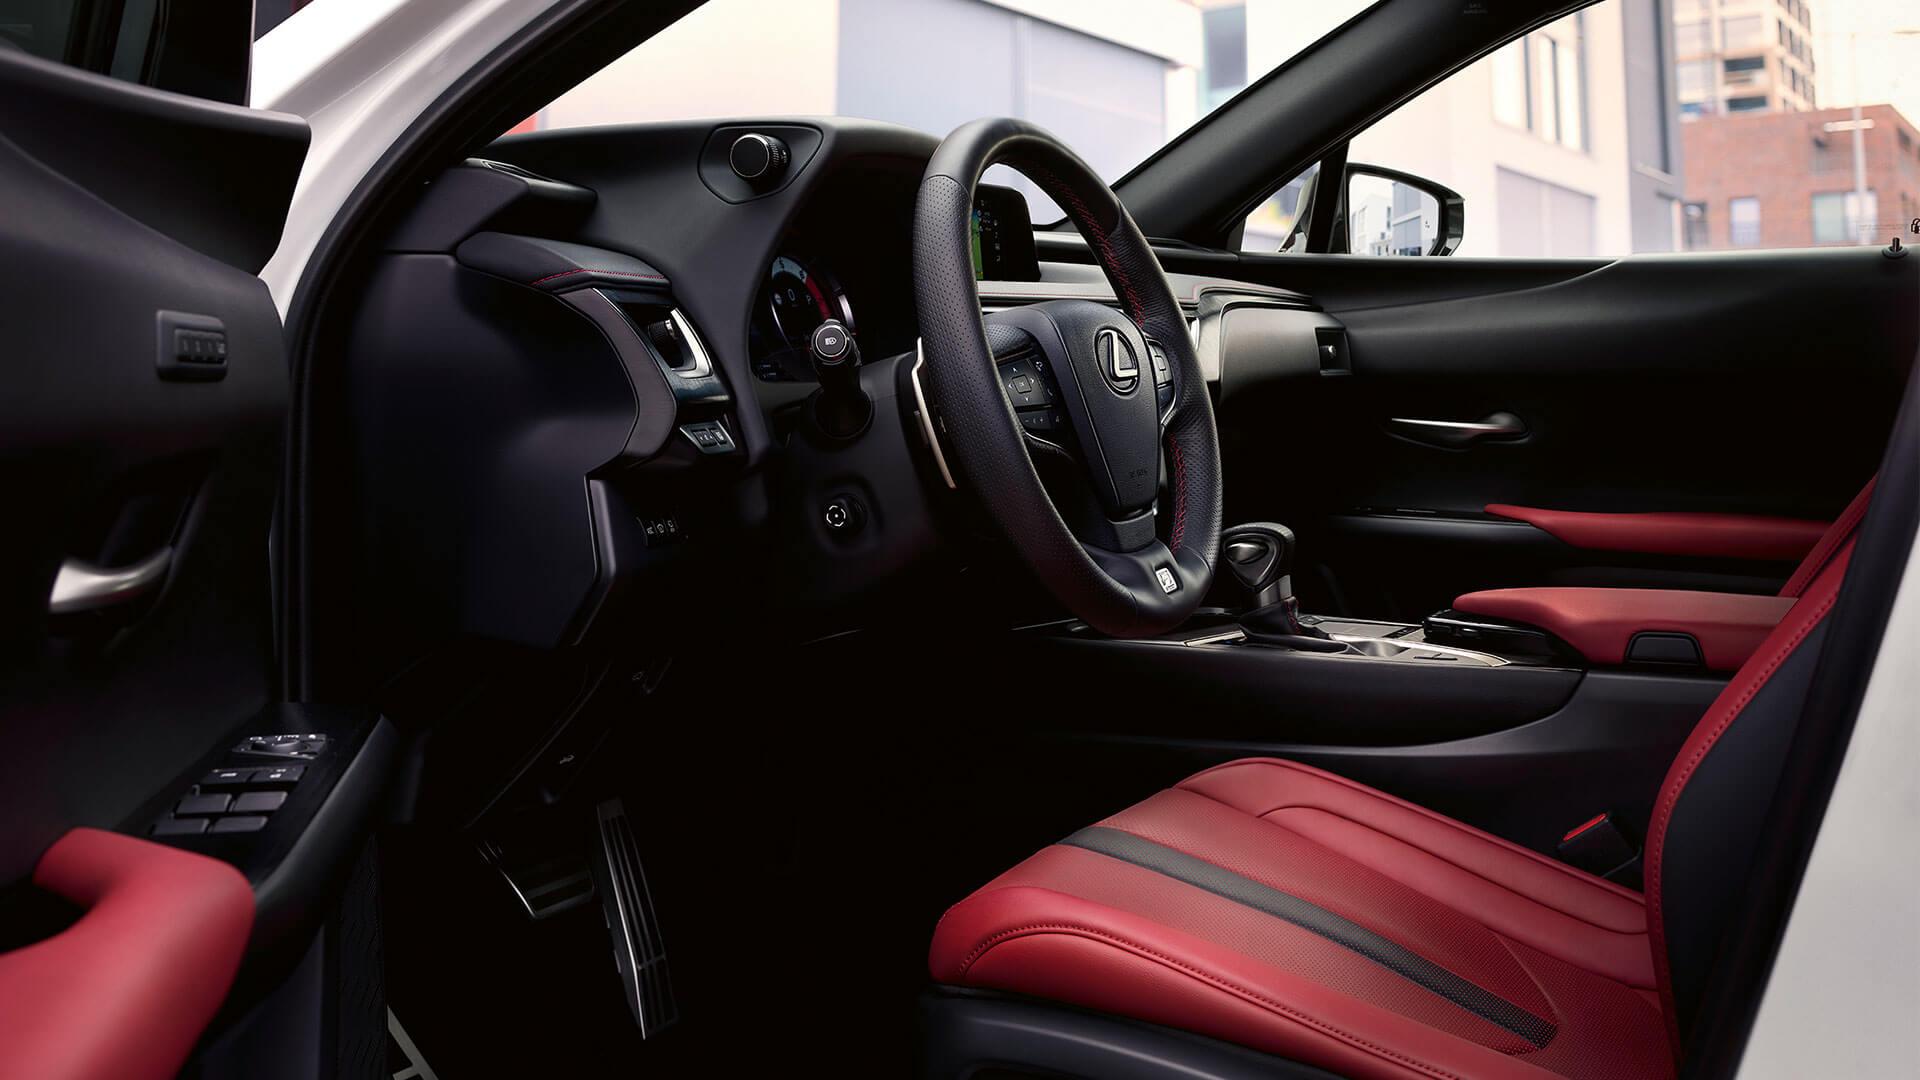 Lexus UX Interieur Fahrer